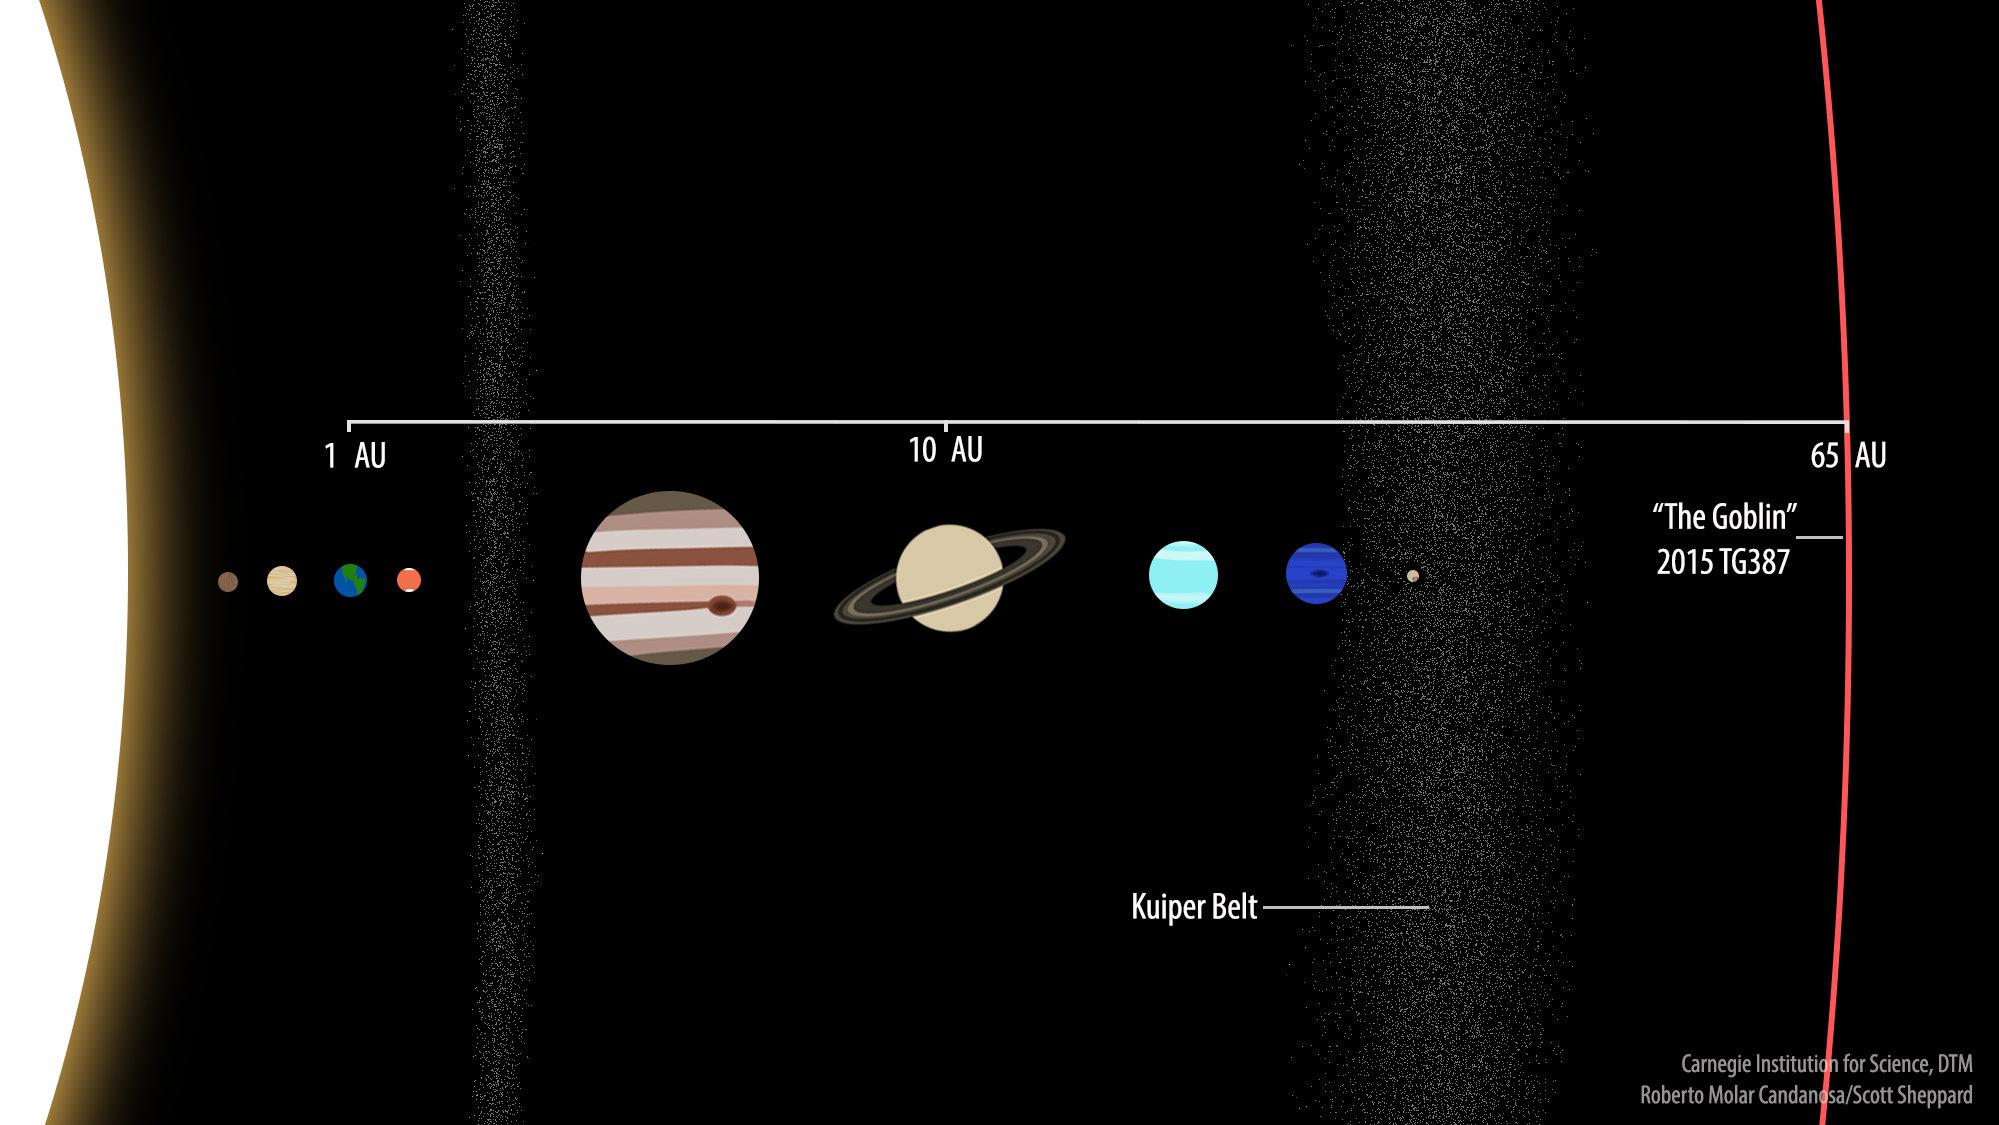 Comparación del TG387 2015 en 65 UA con los planetas conocidos del Sistema Solar. Saturno se puede ver a 10 UA y la Tierra está, por supuesto, a 1 UA, ya que la medida se define como la distancia entre el Sol y la Tierra.